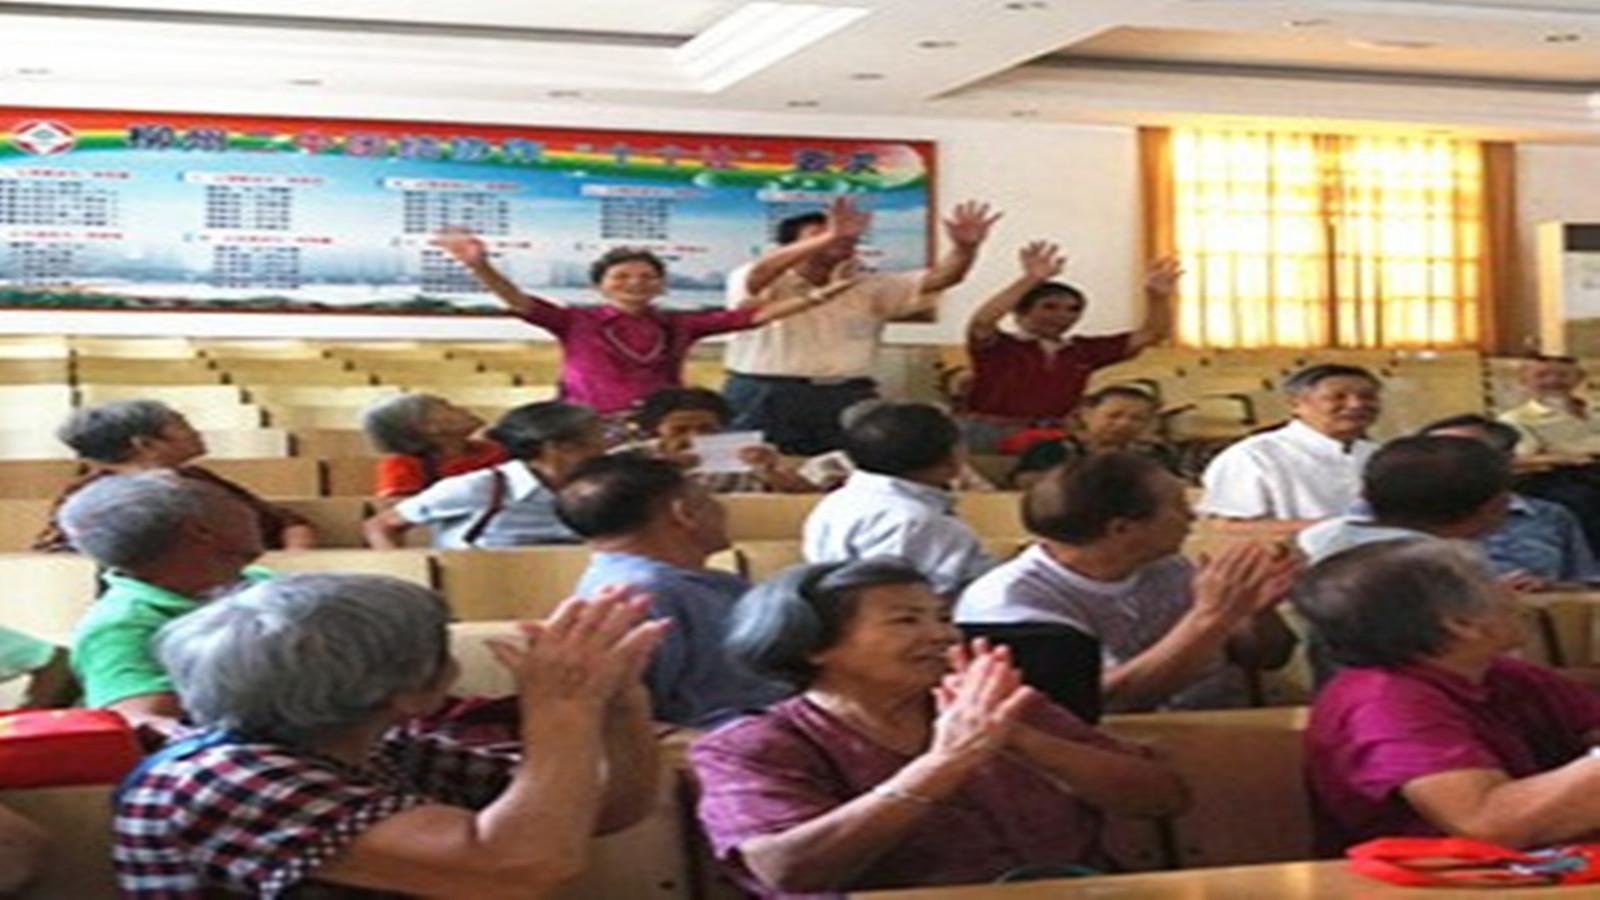 柳州二中搬迁引集体怀旧 古稀老人重回校园致青春